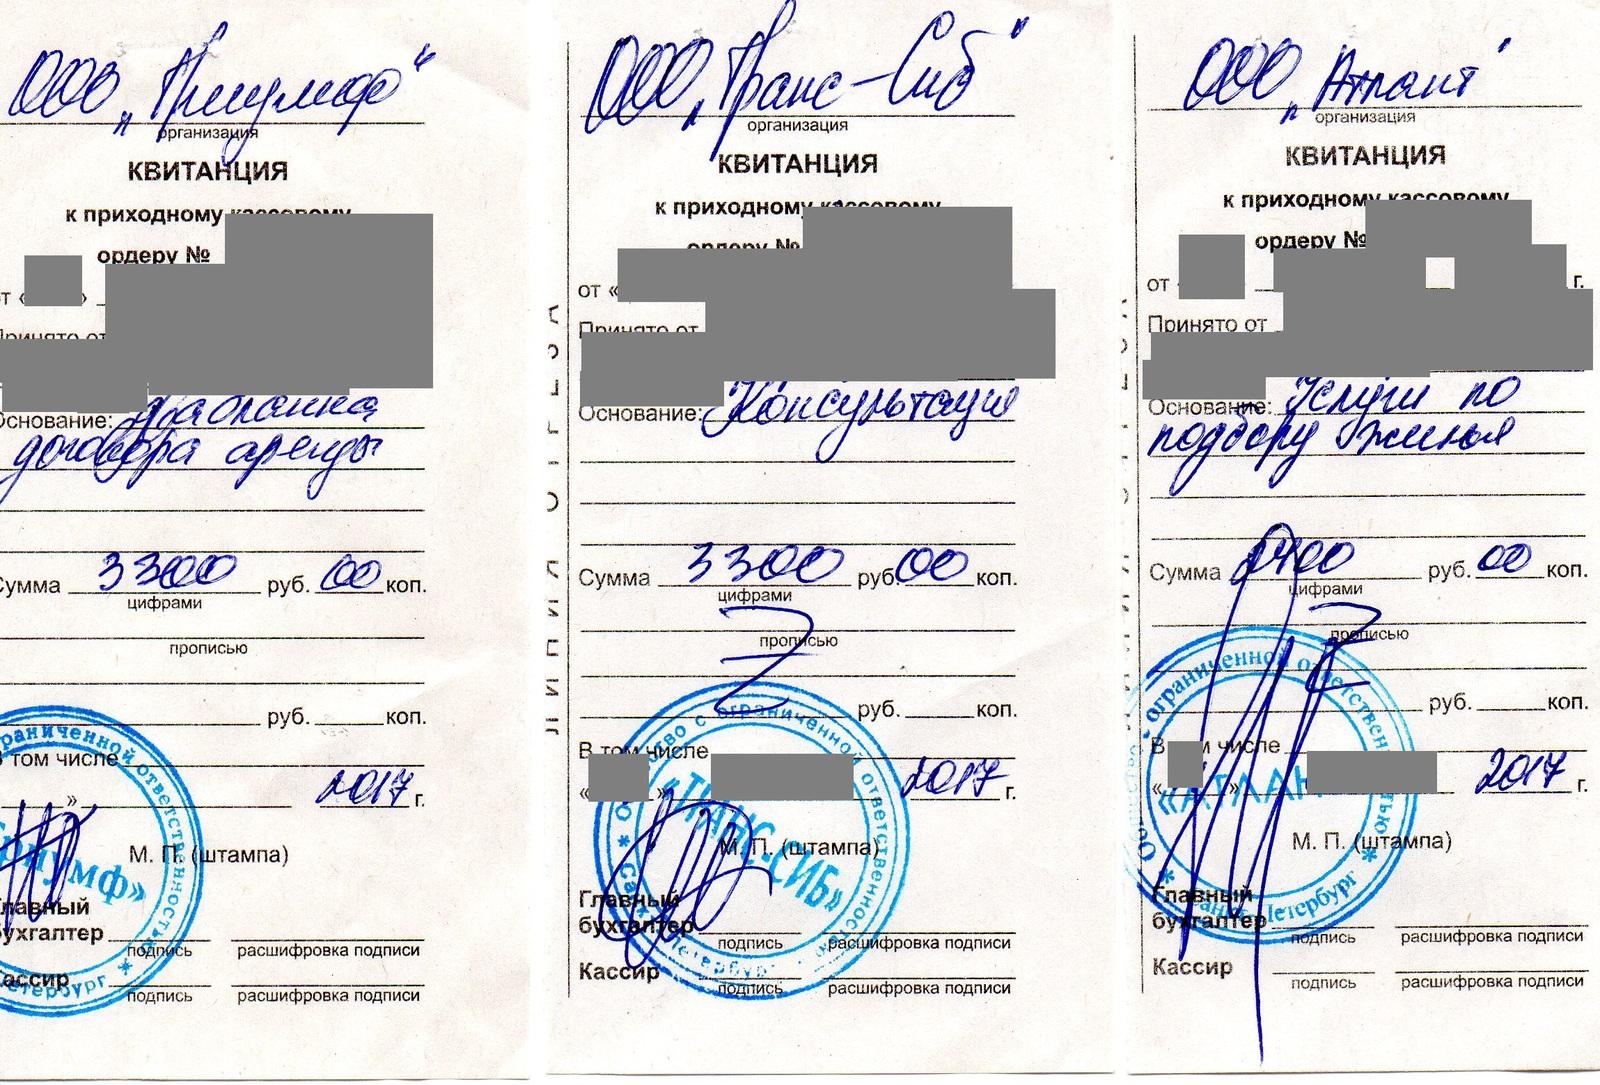 Ооо триумф регистрации бухгалтерское сопровождение деятельности ип